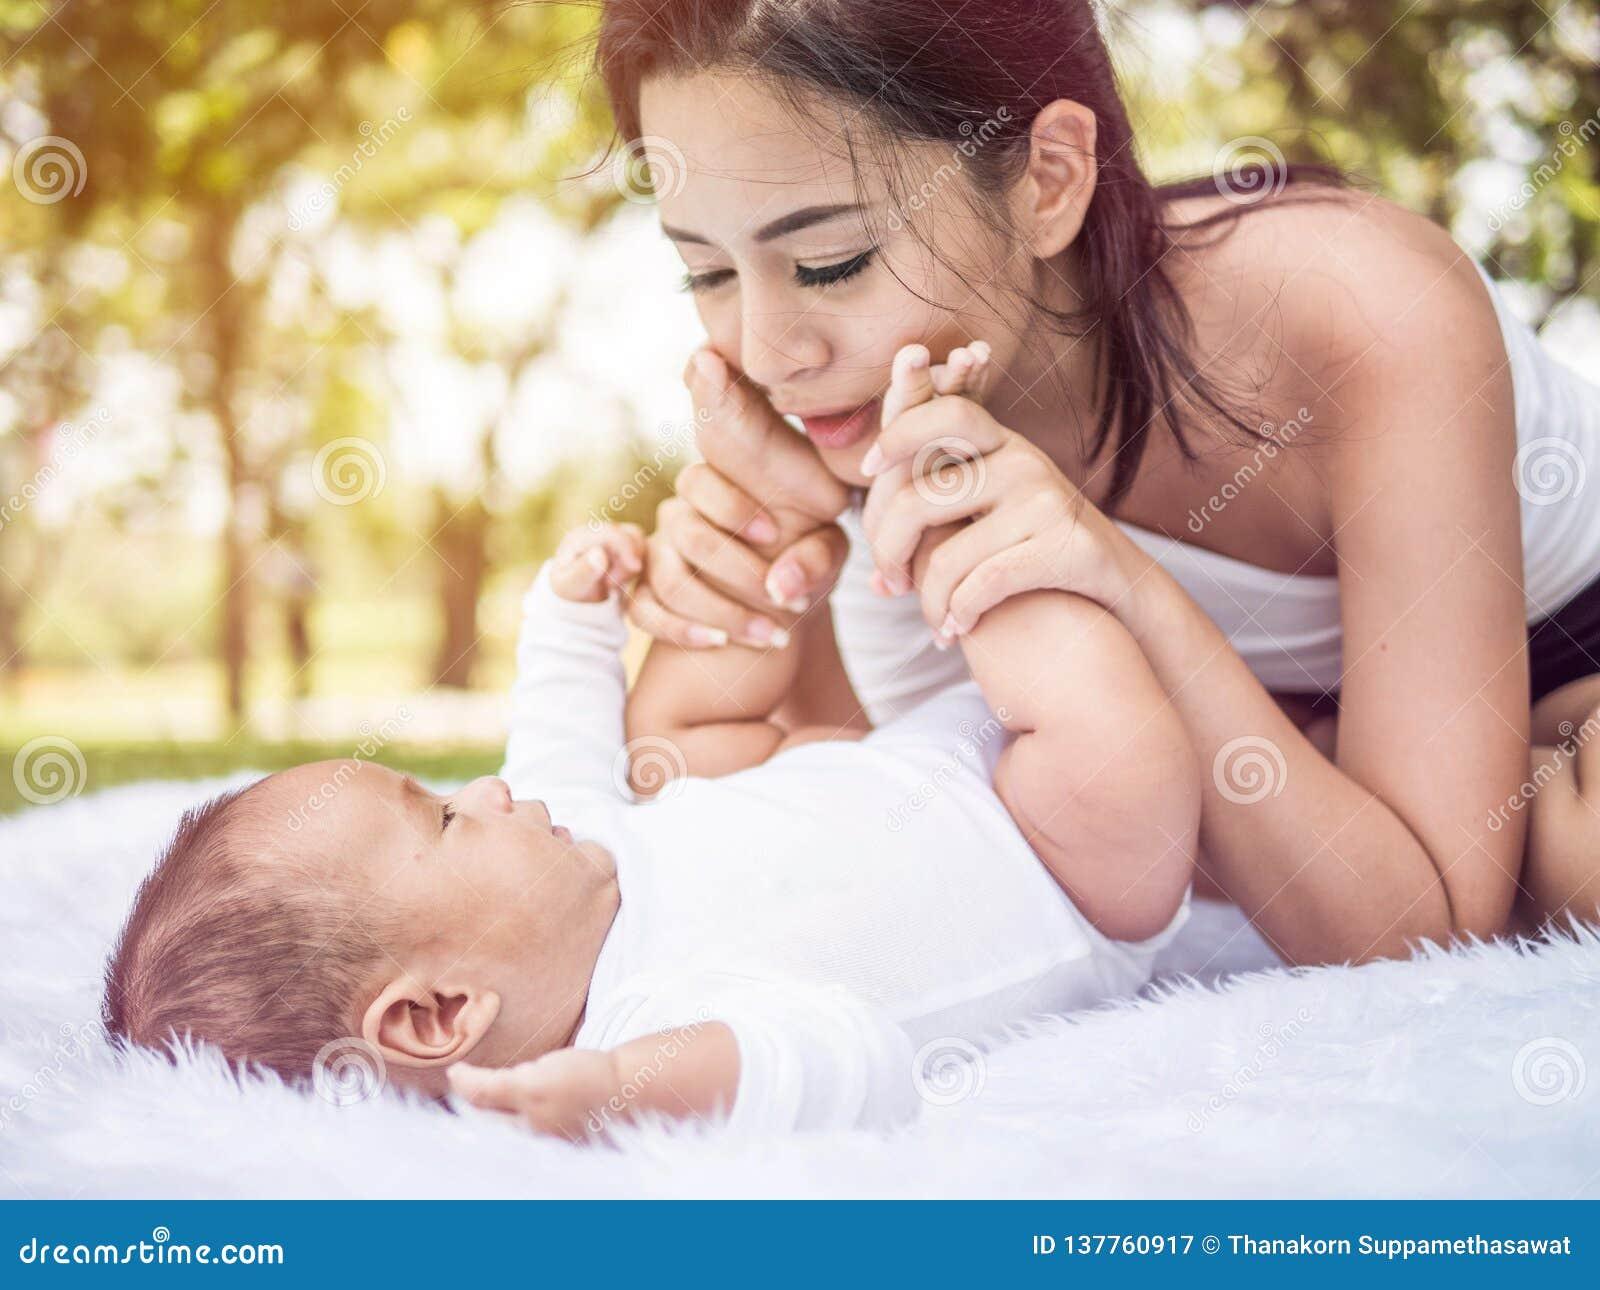 Ευτυχής οικογένεια, μητέρα και λίγο μωρό που γελούν και που παίζουν το καλοκαίρι στο πάρκο